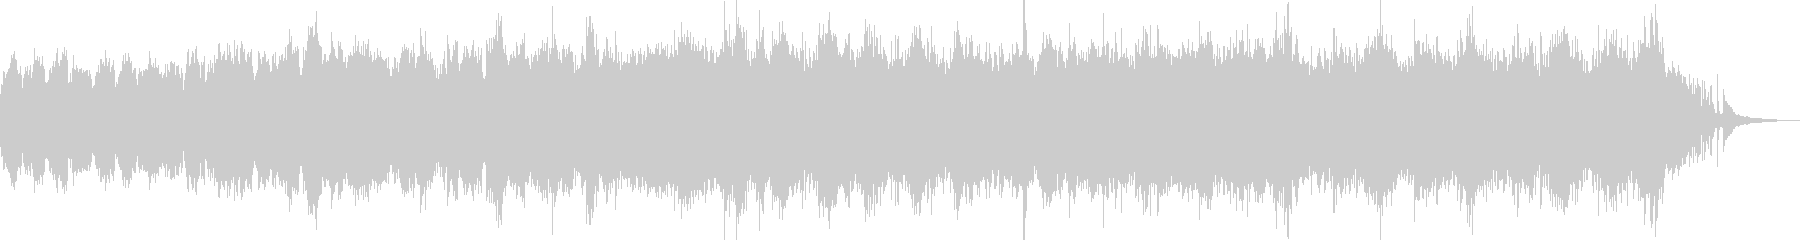 流れるピアノが印象的な癒しBGM Bの未再生の波形